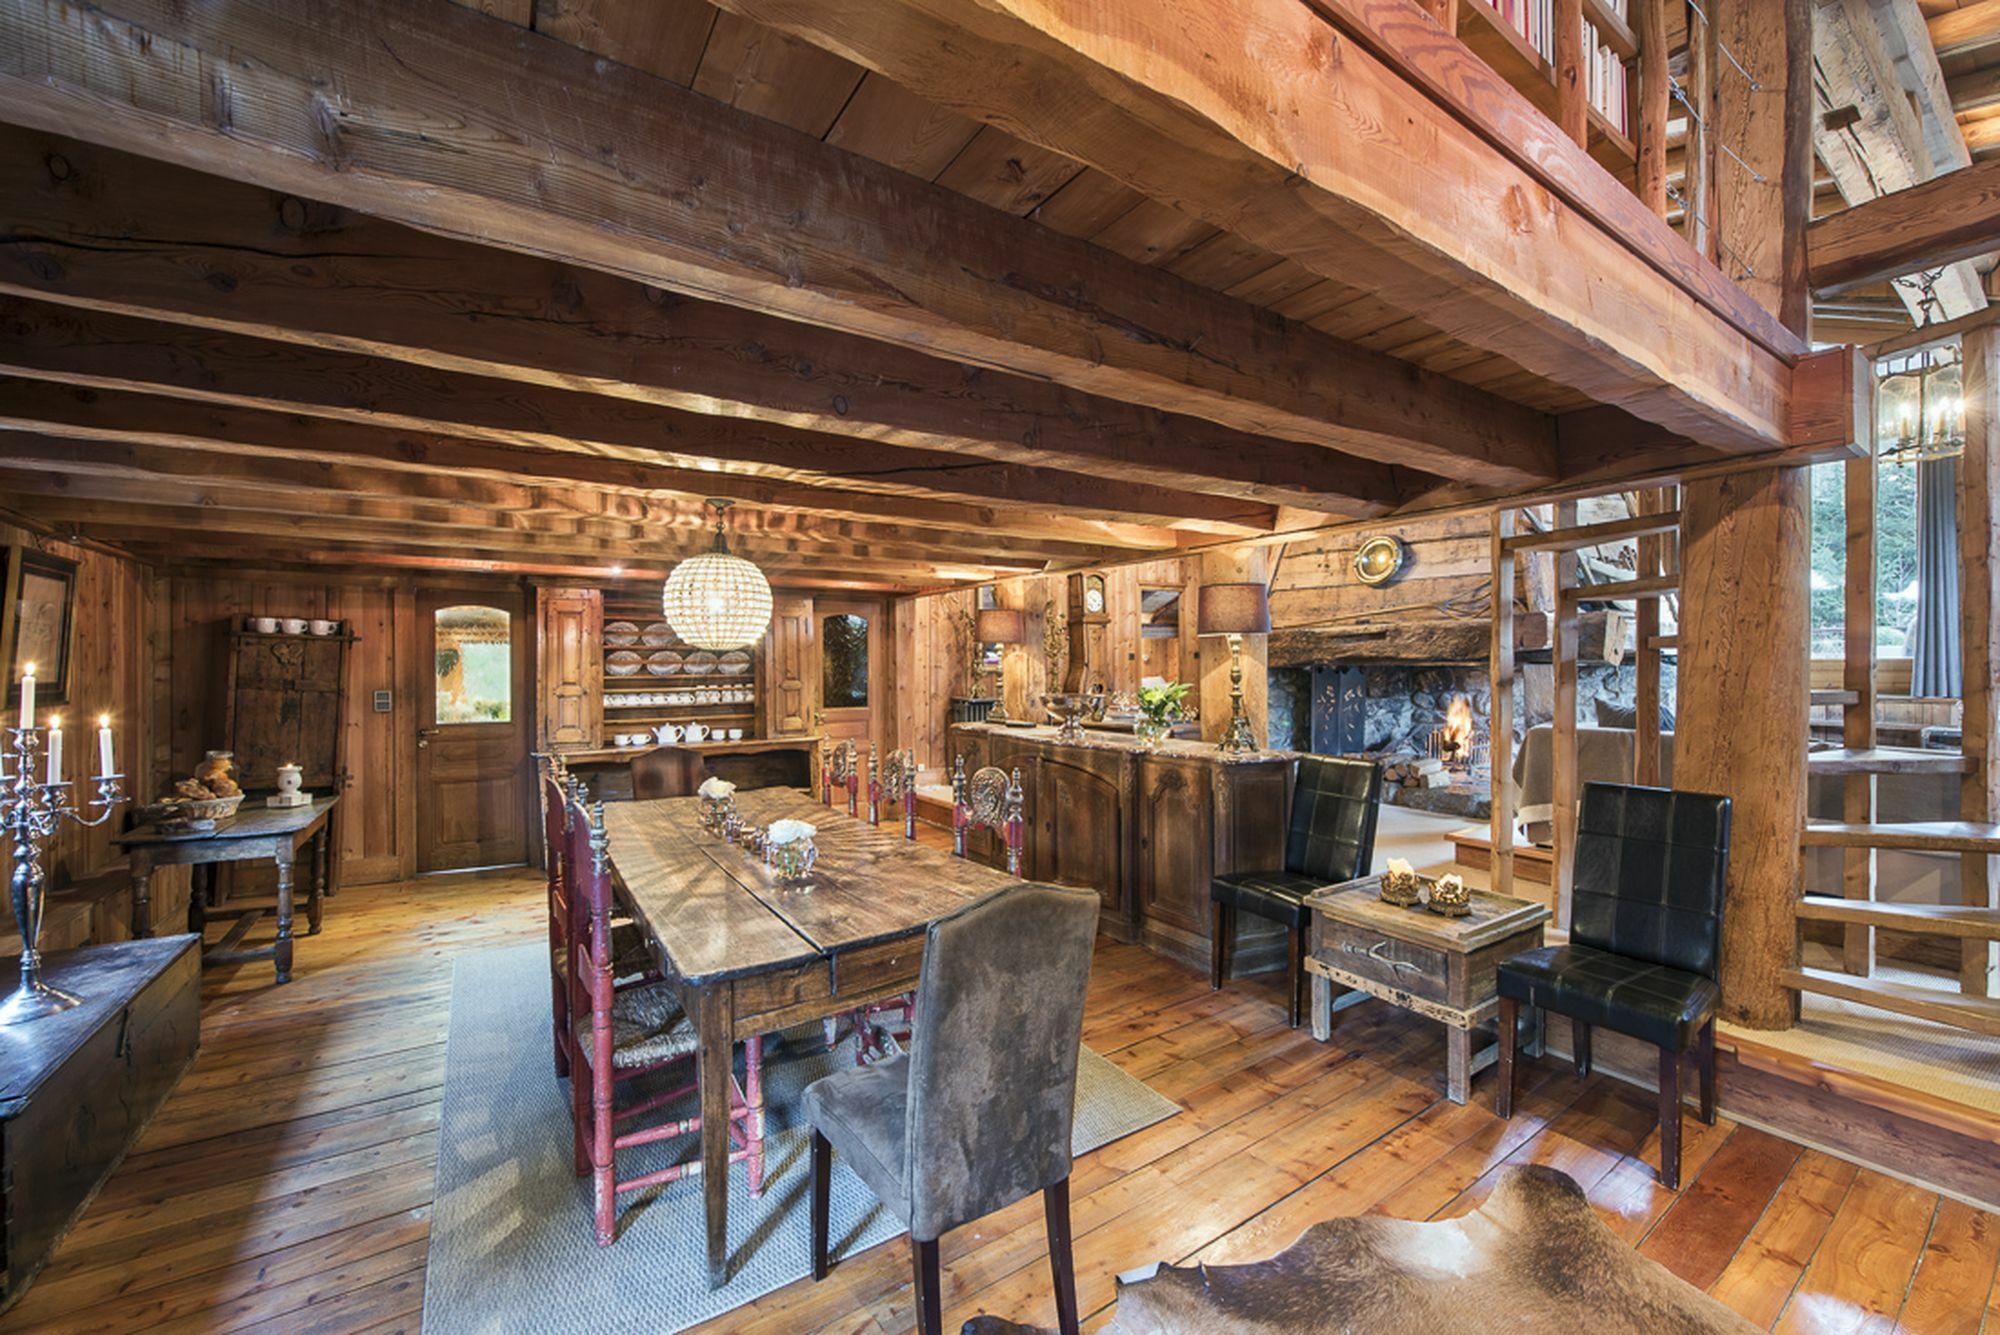 La Ferme du Bois Accommodation in Chamonix